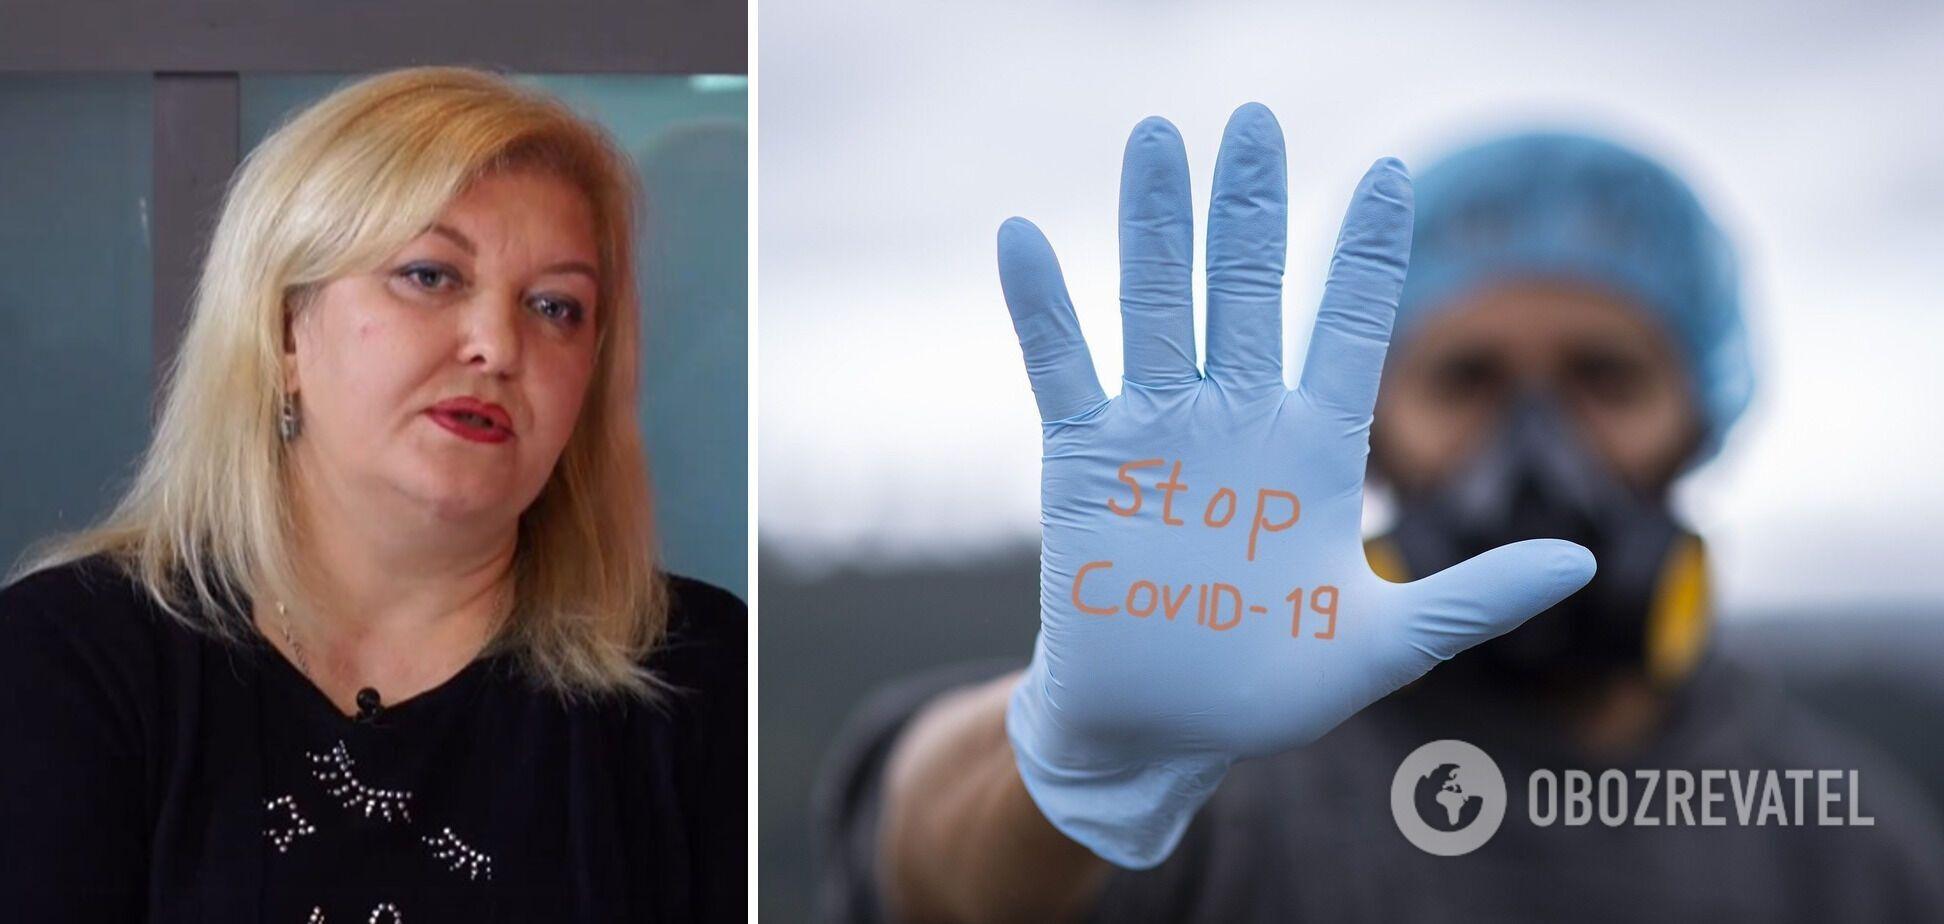 Сахневич не прогнозирует быстрого завершения пандемии COVID-19